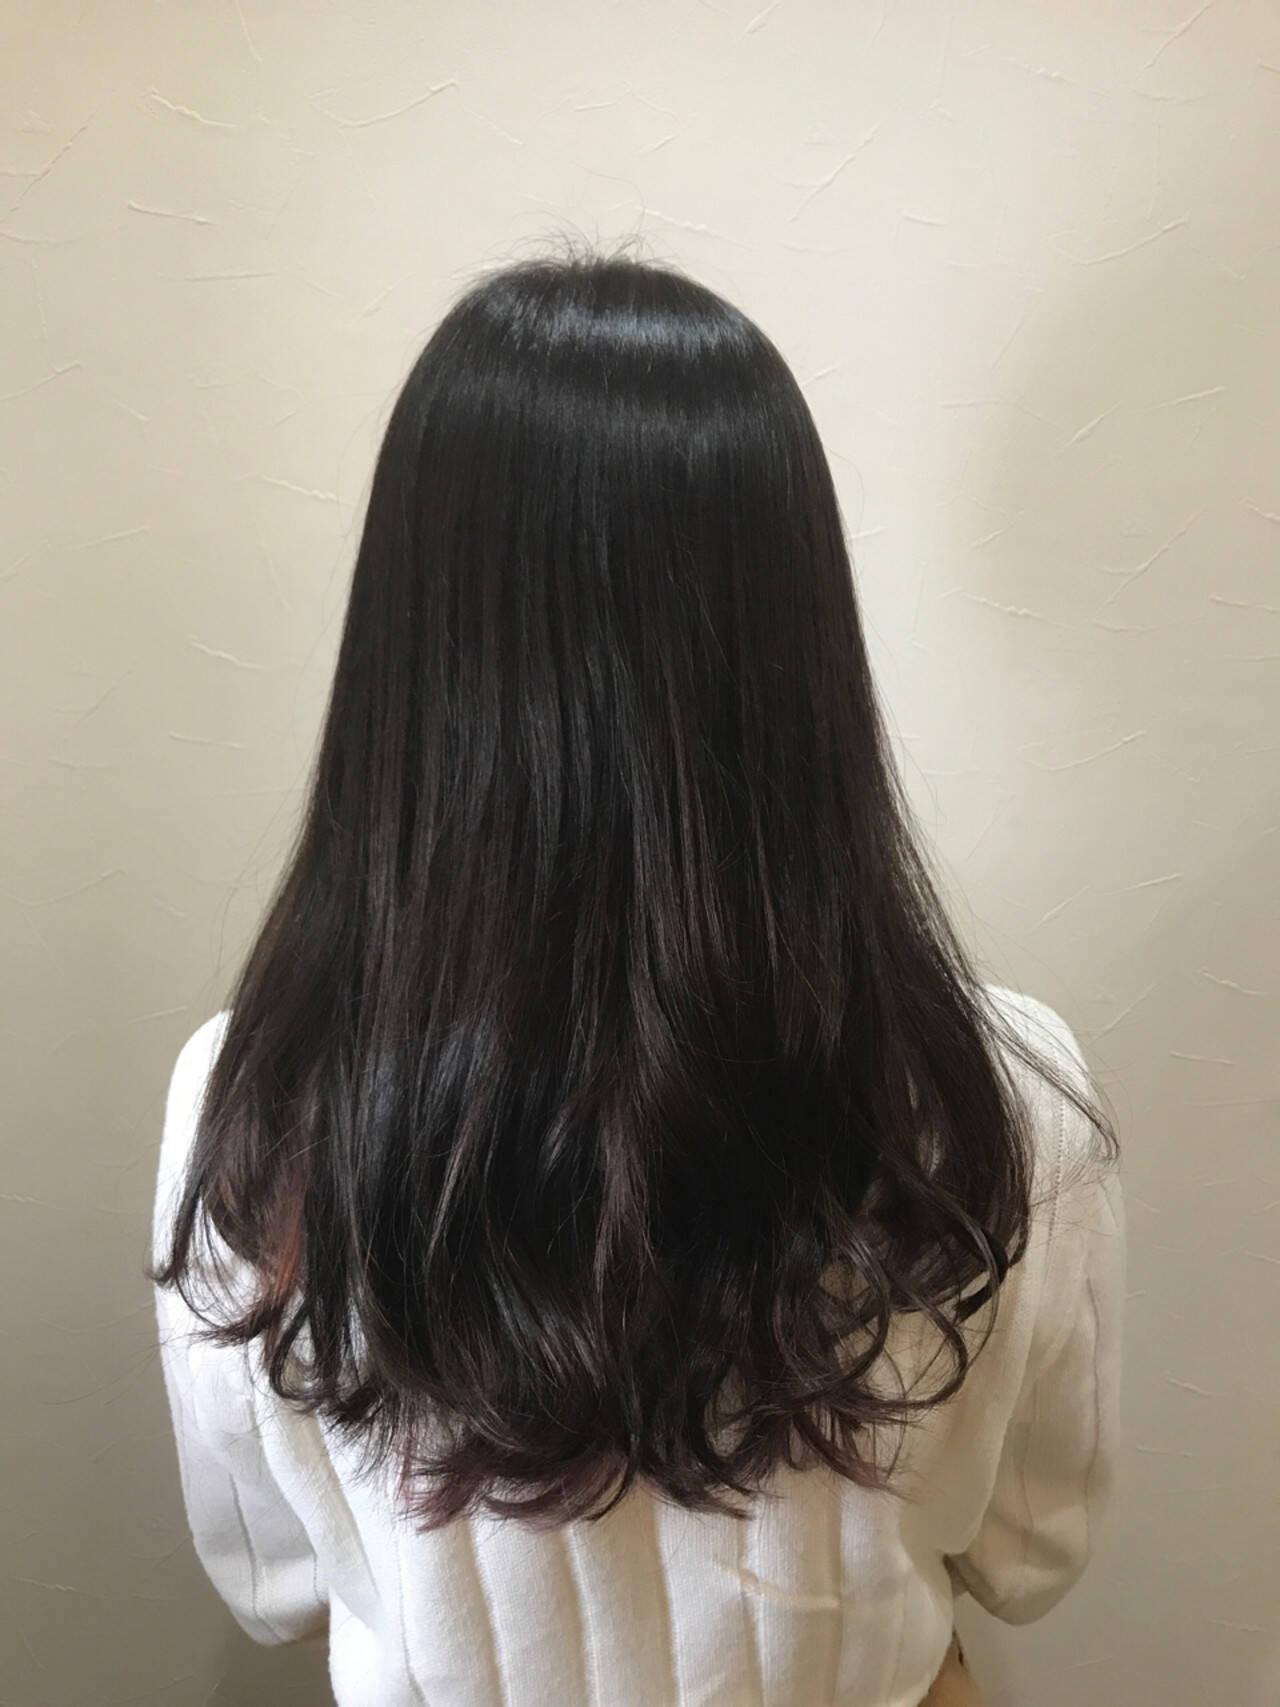 ラベンダーアッシュ パープル ストリート ロングヘアスタイルや髪型の写真・画像